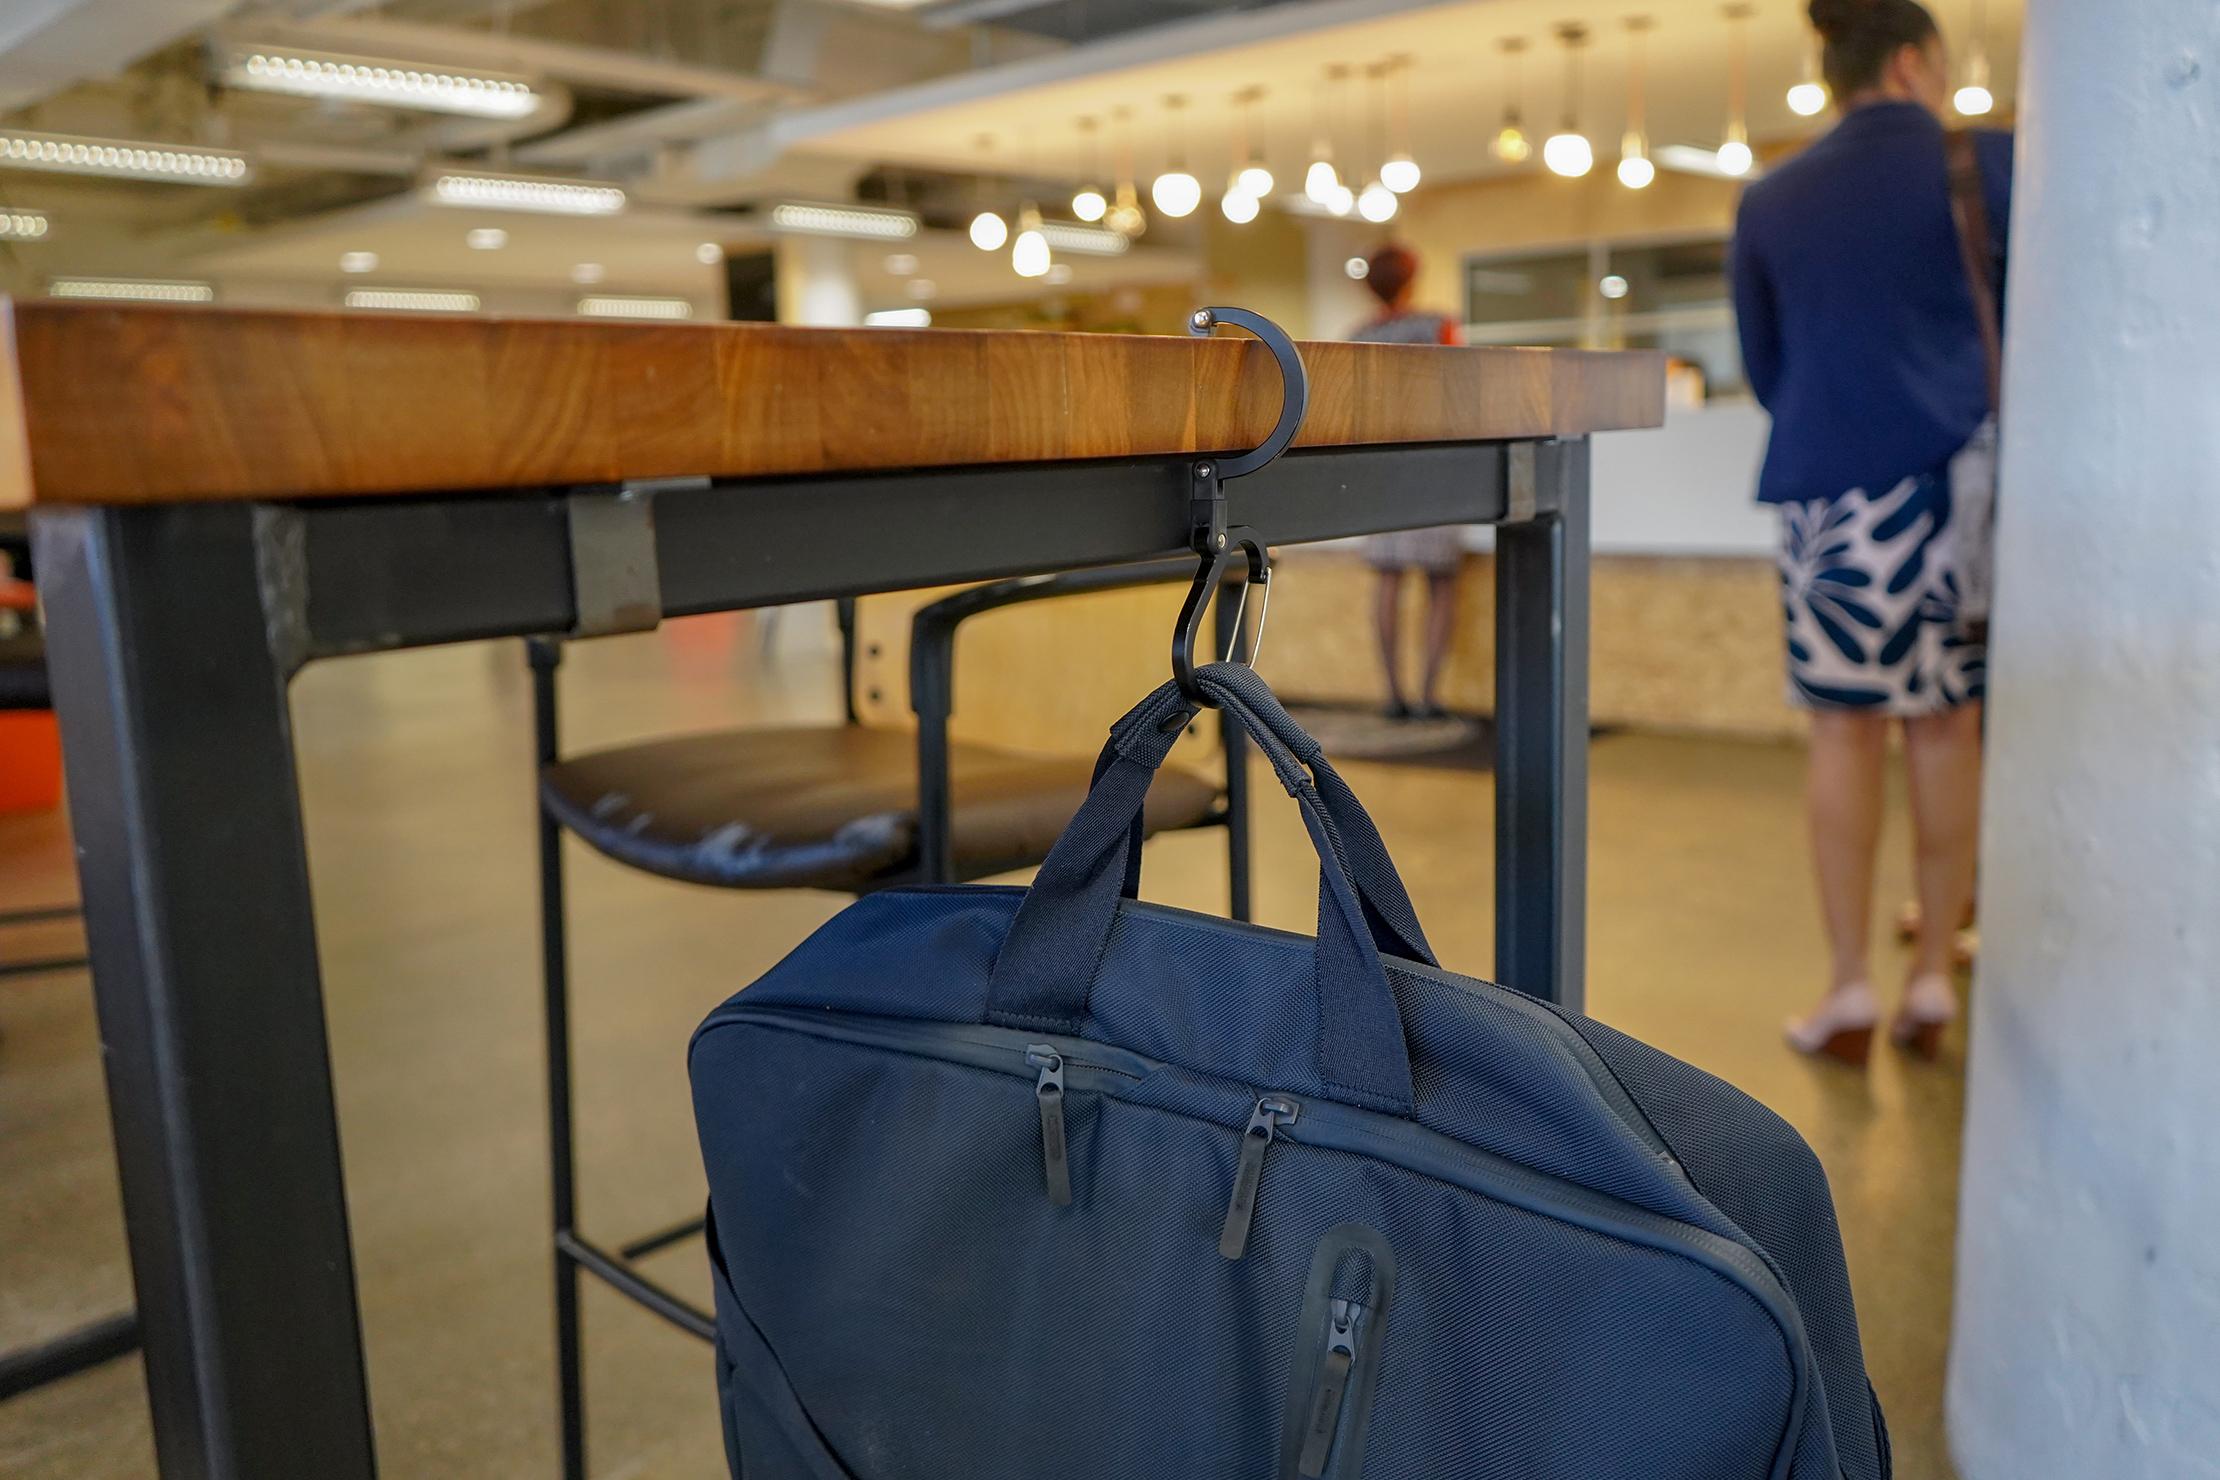 Heroclip Holding Bag